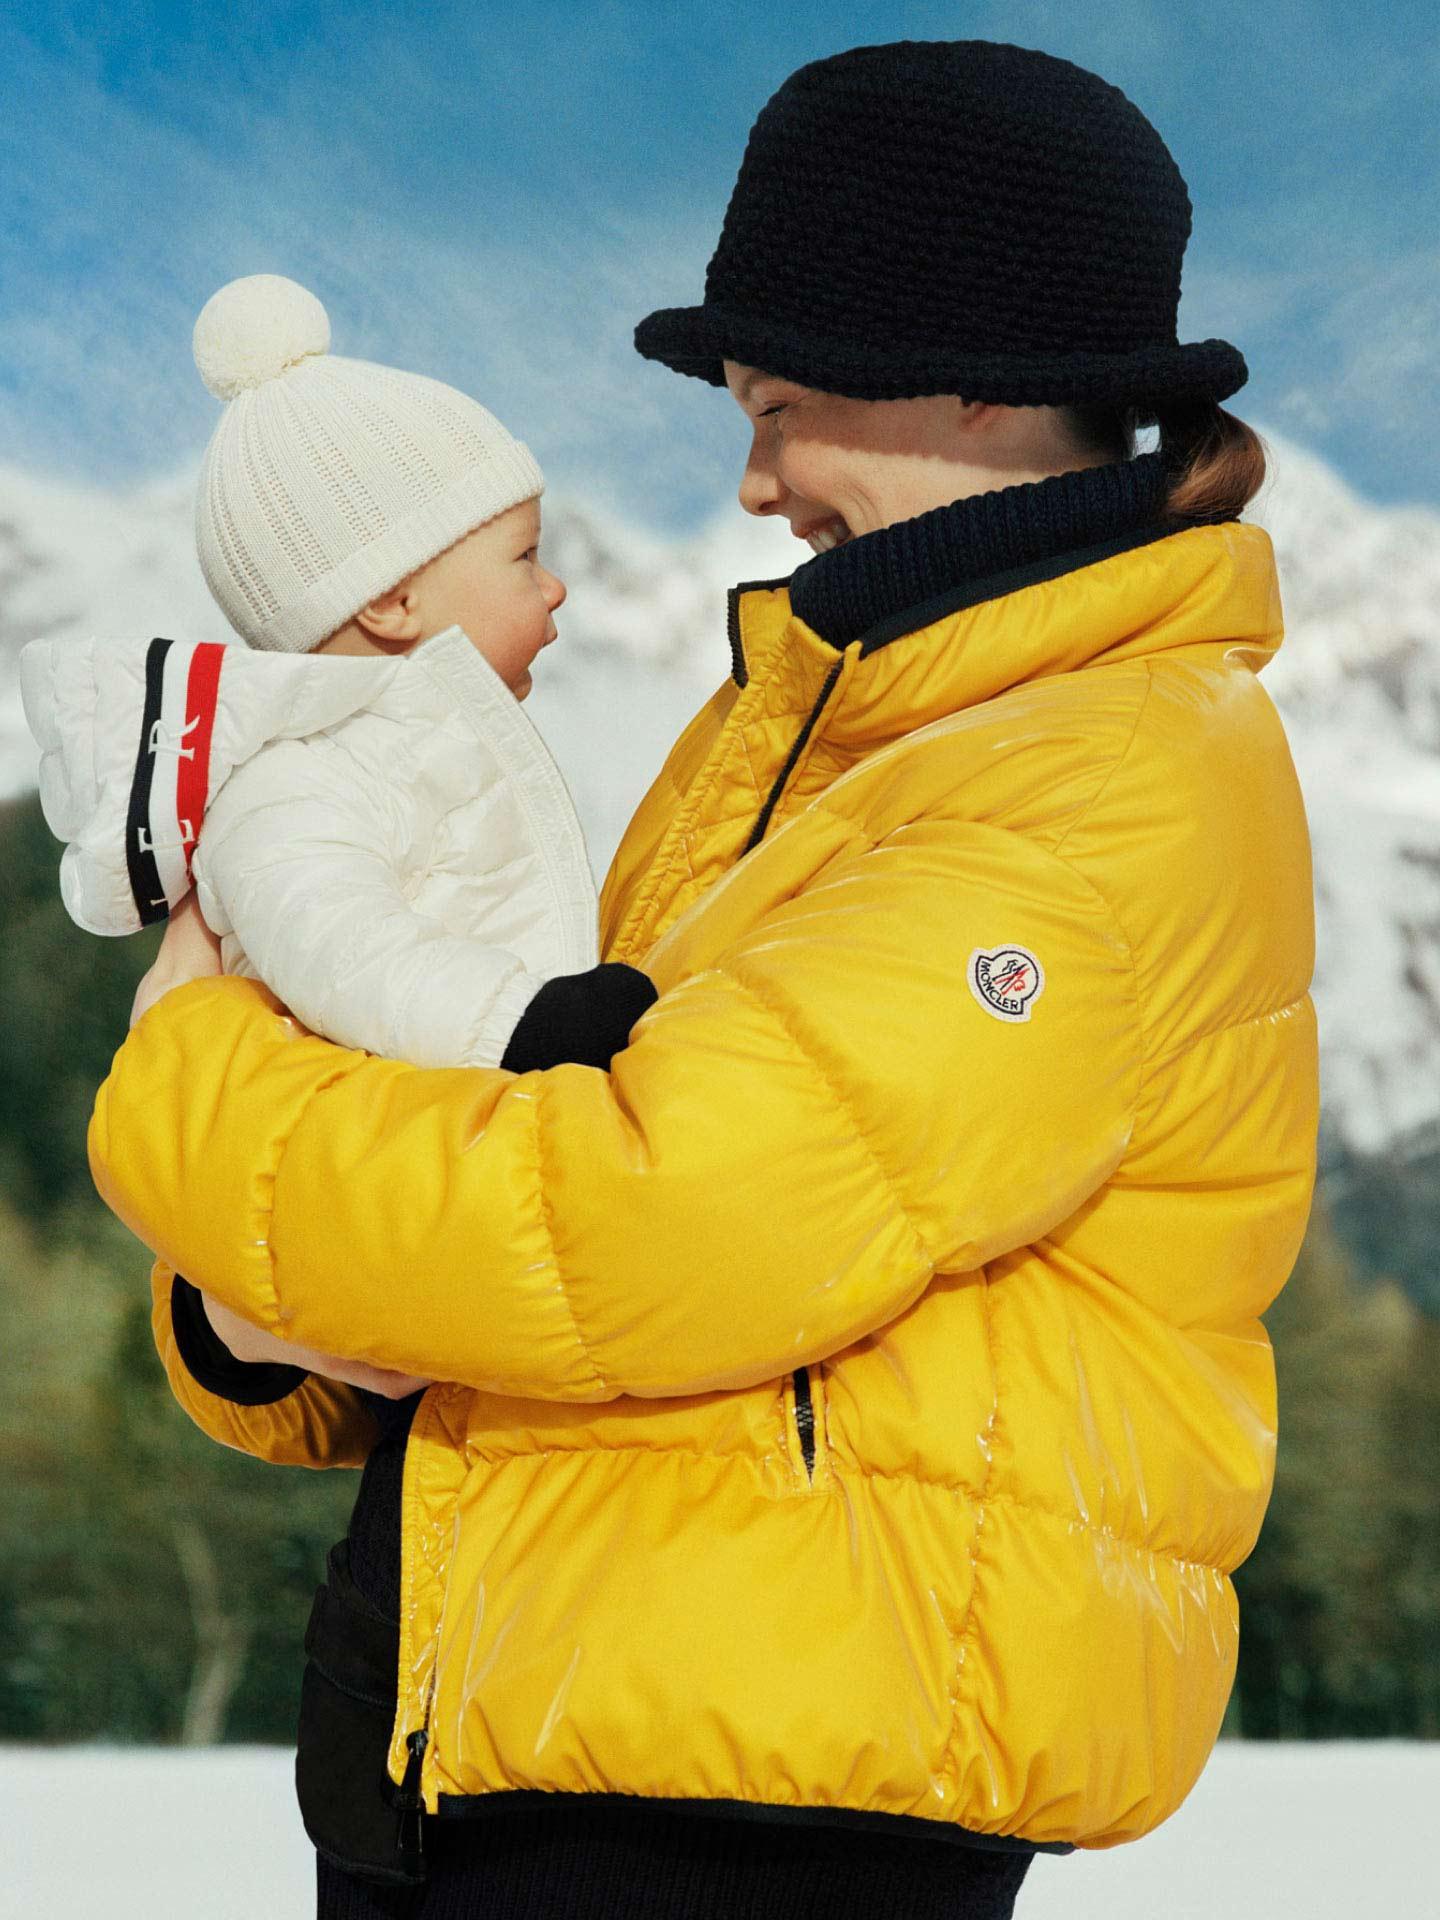 Une mère portant un bébé avec une veste blanche Moncler